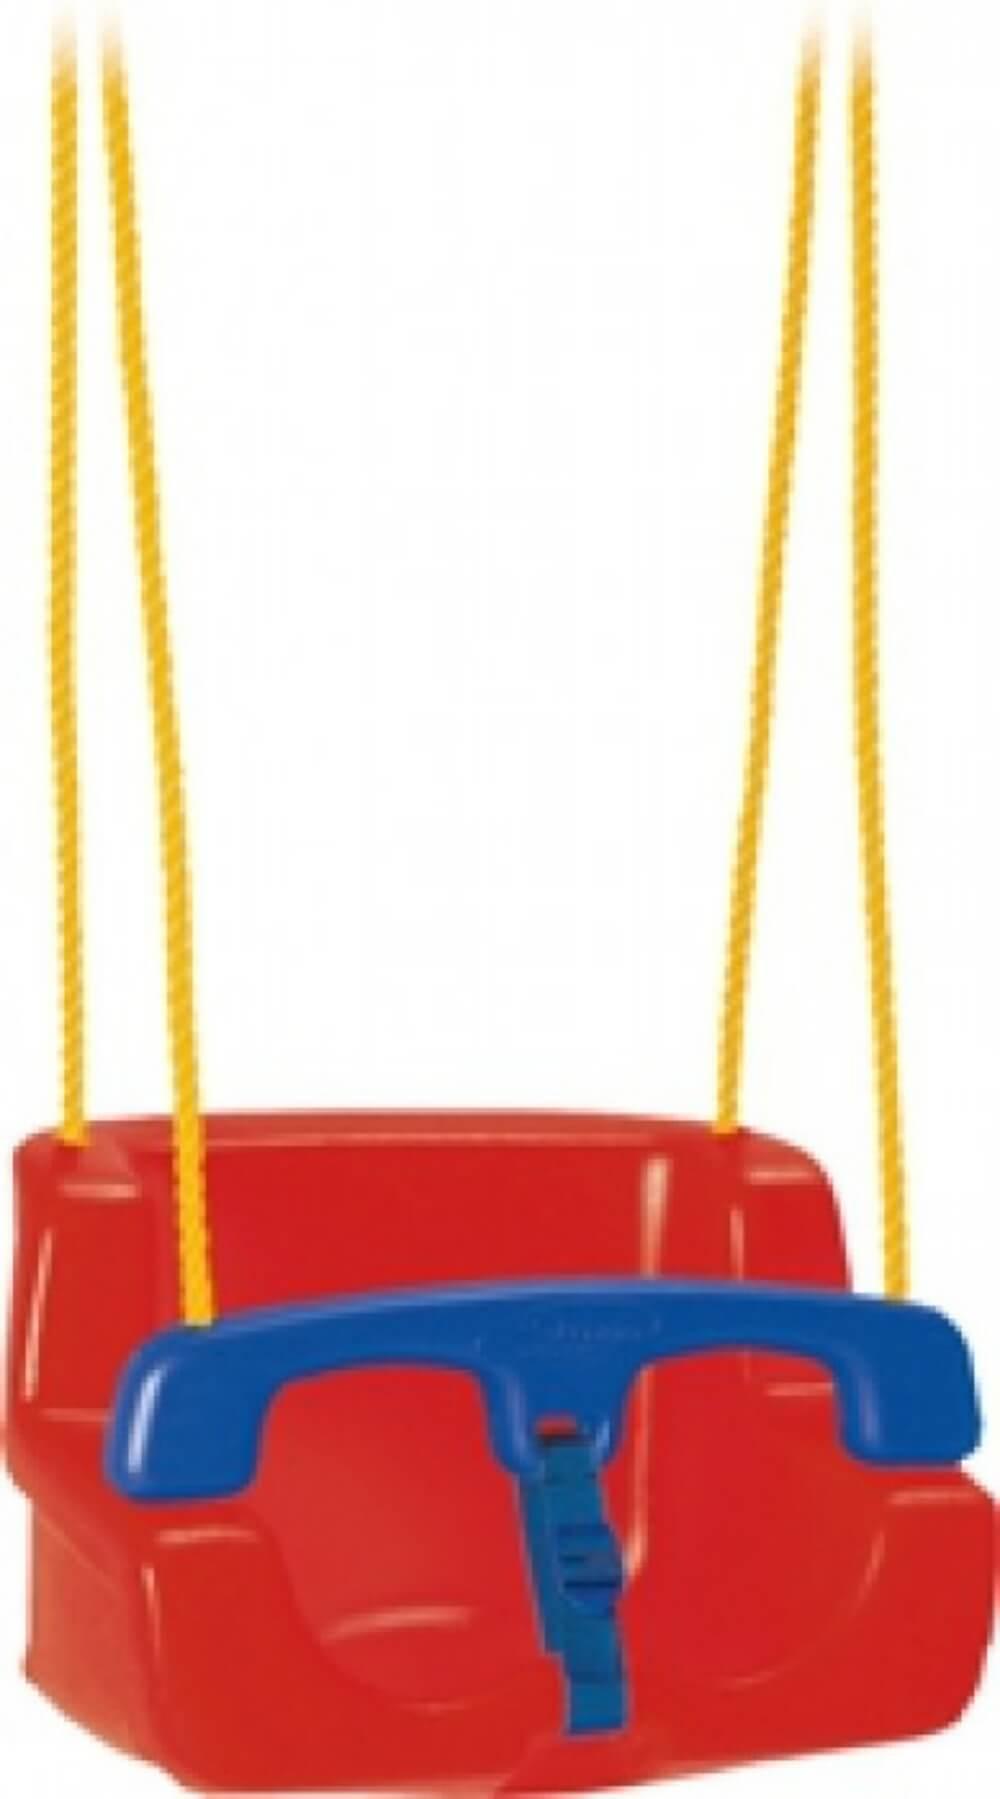 Balanço Infantil Amarelo Com Vermelho 02876